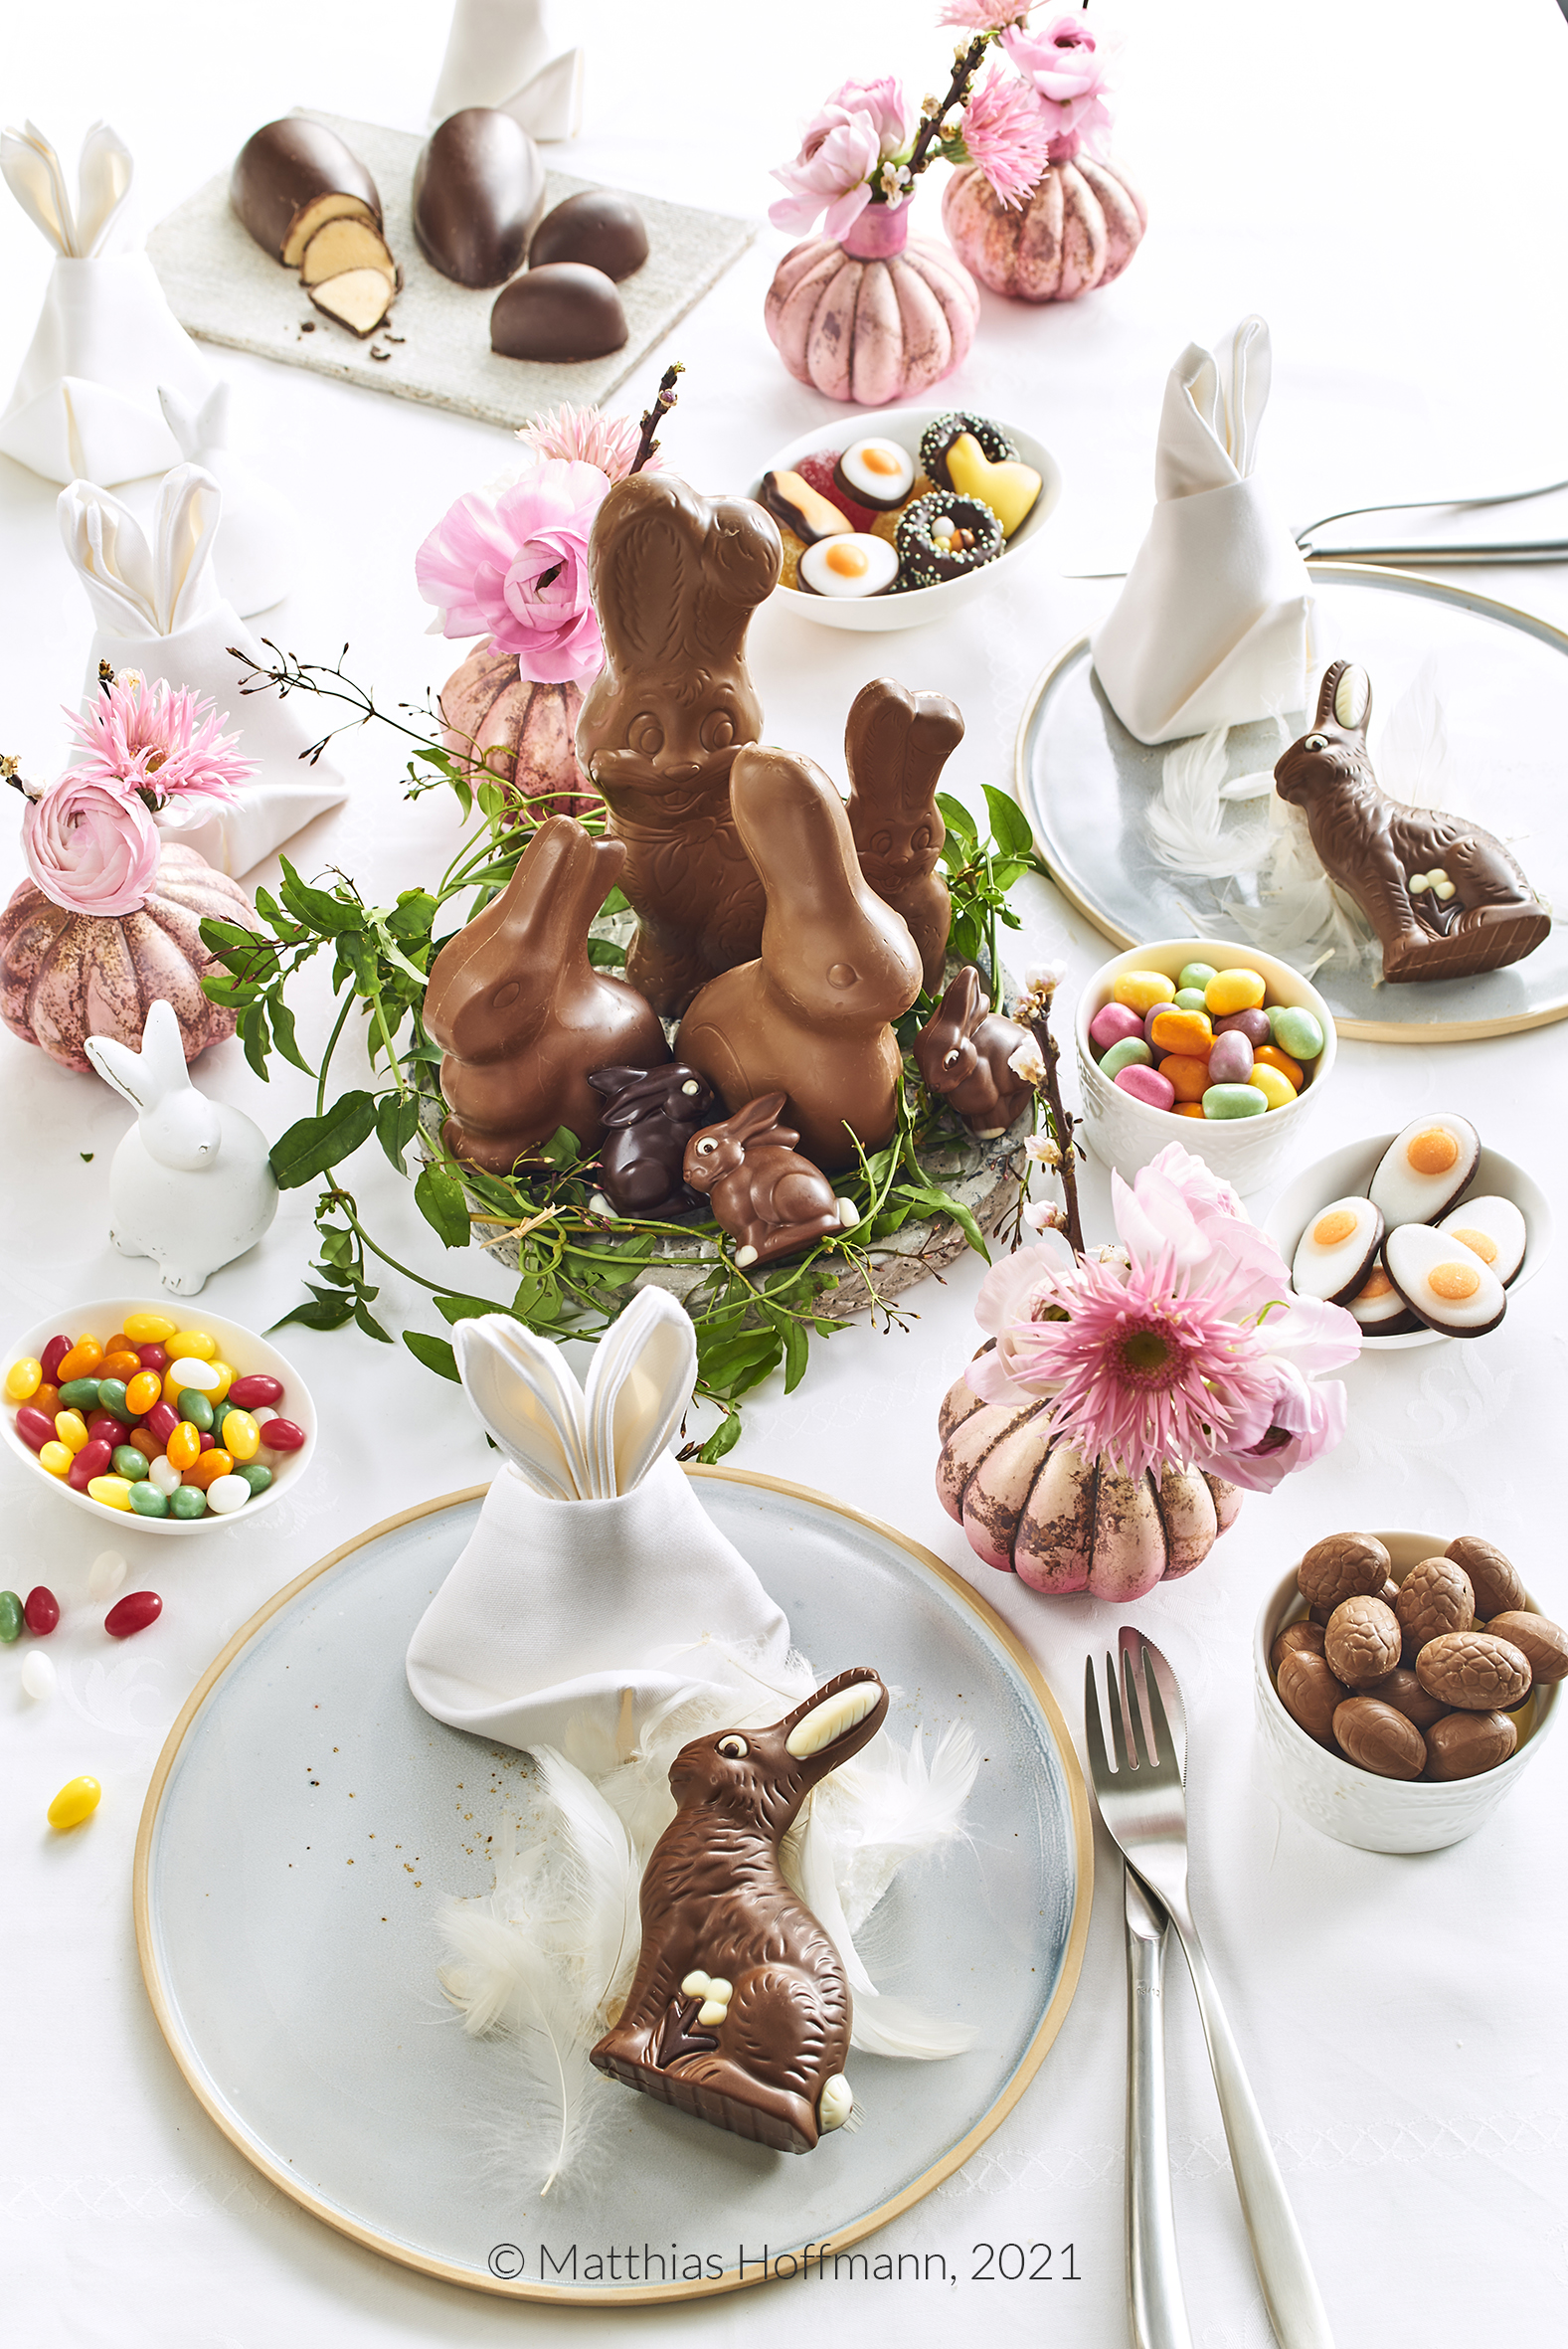 Den Frühing auf den TIsch zaubern -- schon zu Ostern und mit leckeren Schoko-Osterhasen.